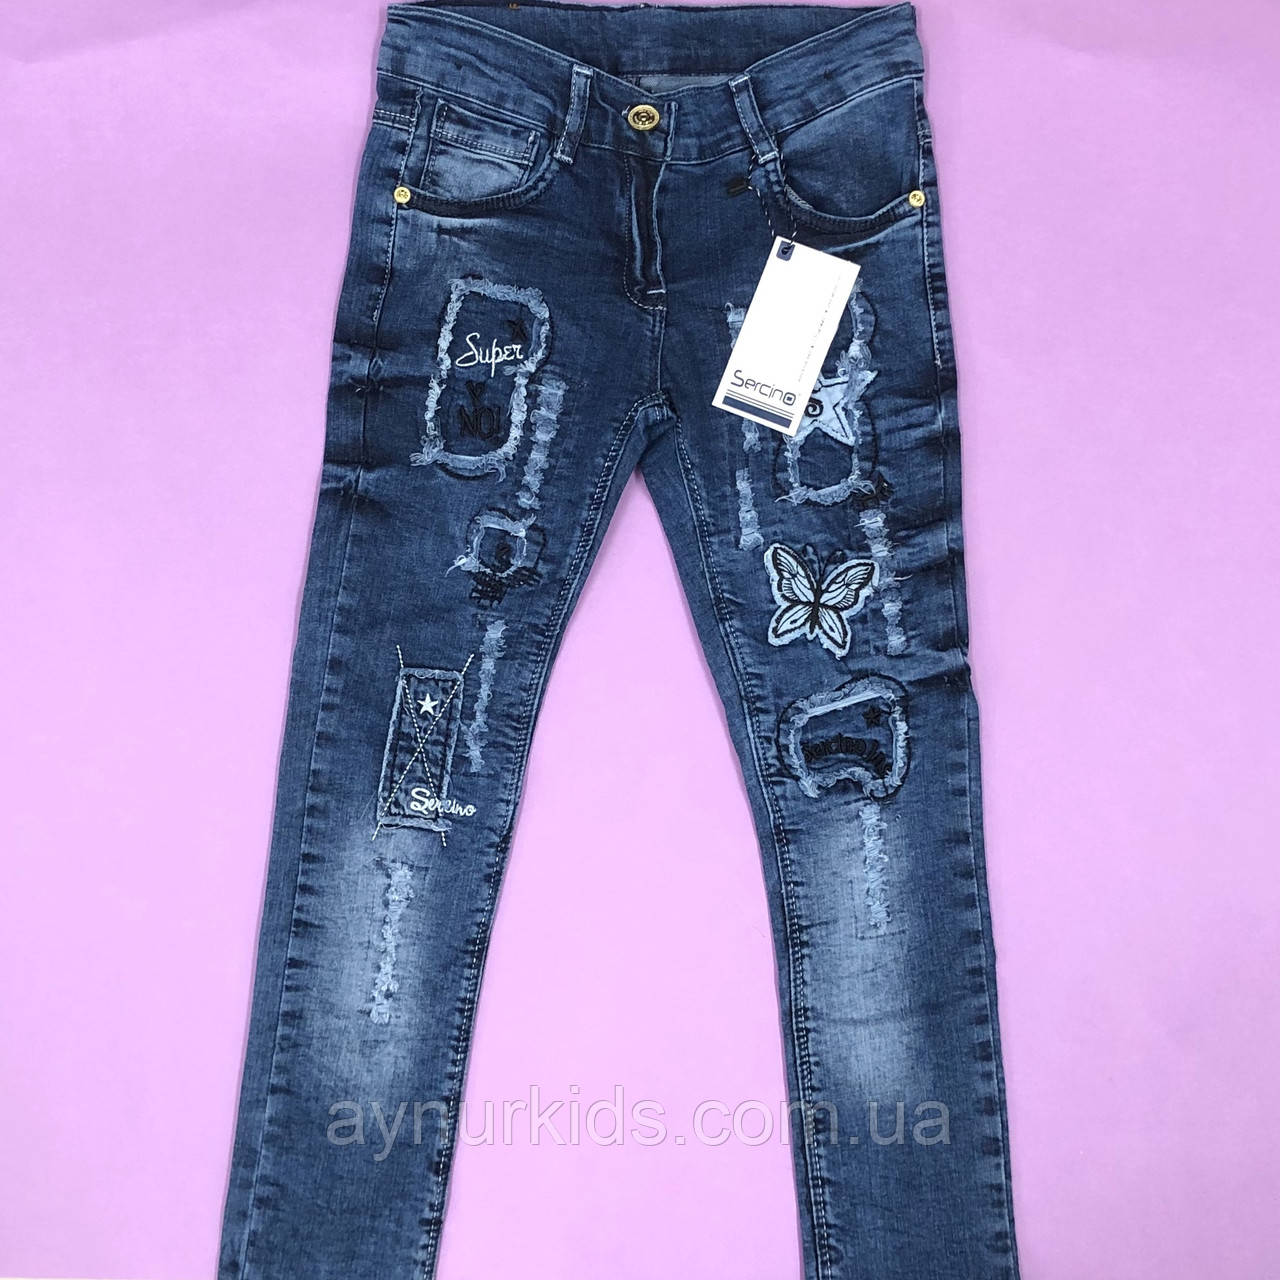 9b055dec48ff3 Стильные джинсы для девочки 9-11-12 лет , цена 265 грн., купить в ...